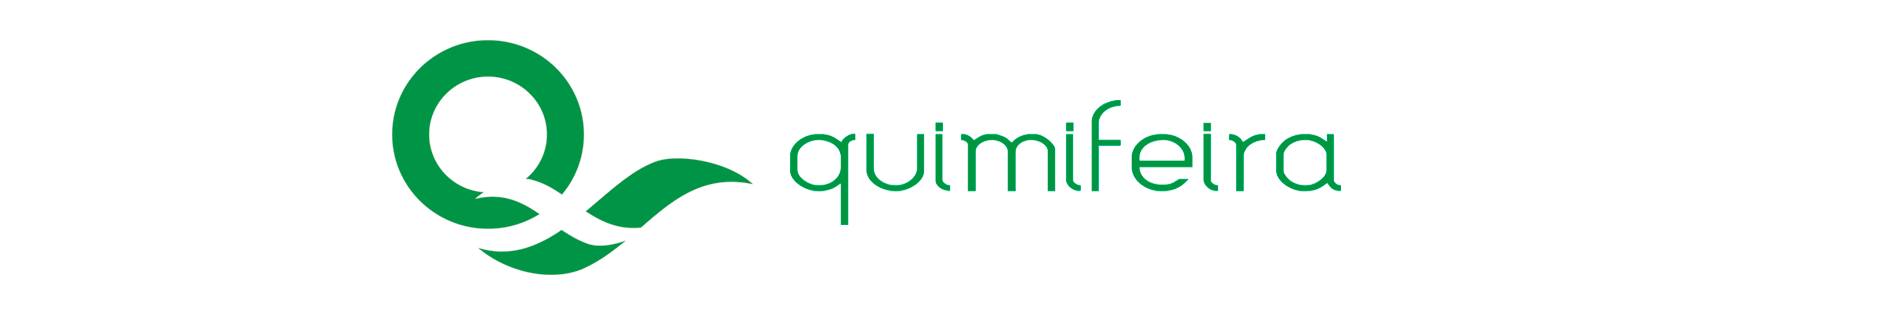 Quimifeira